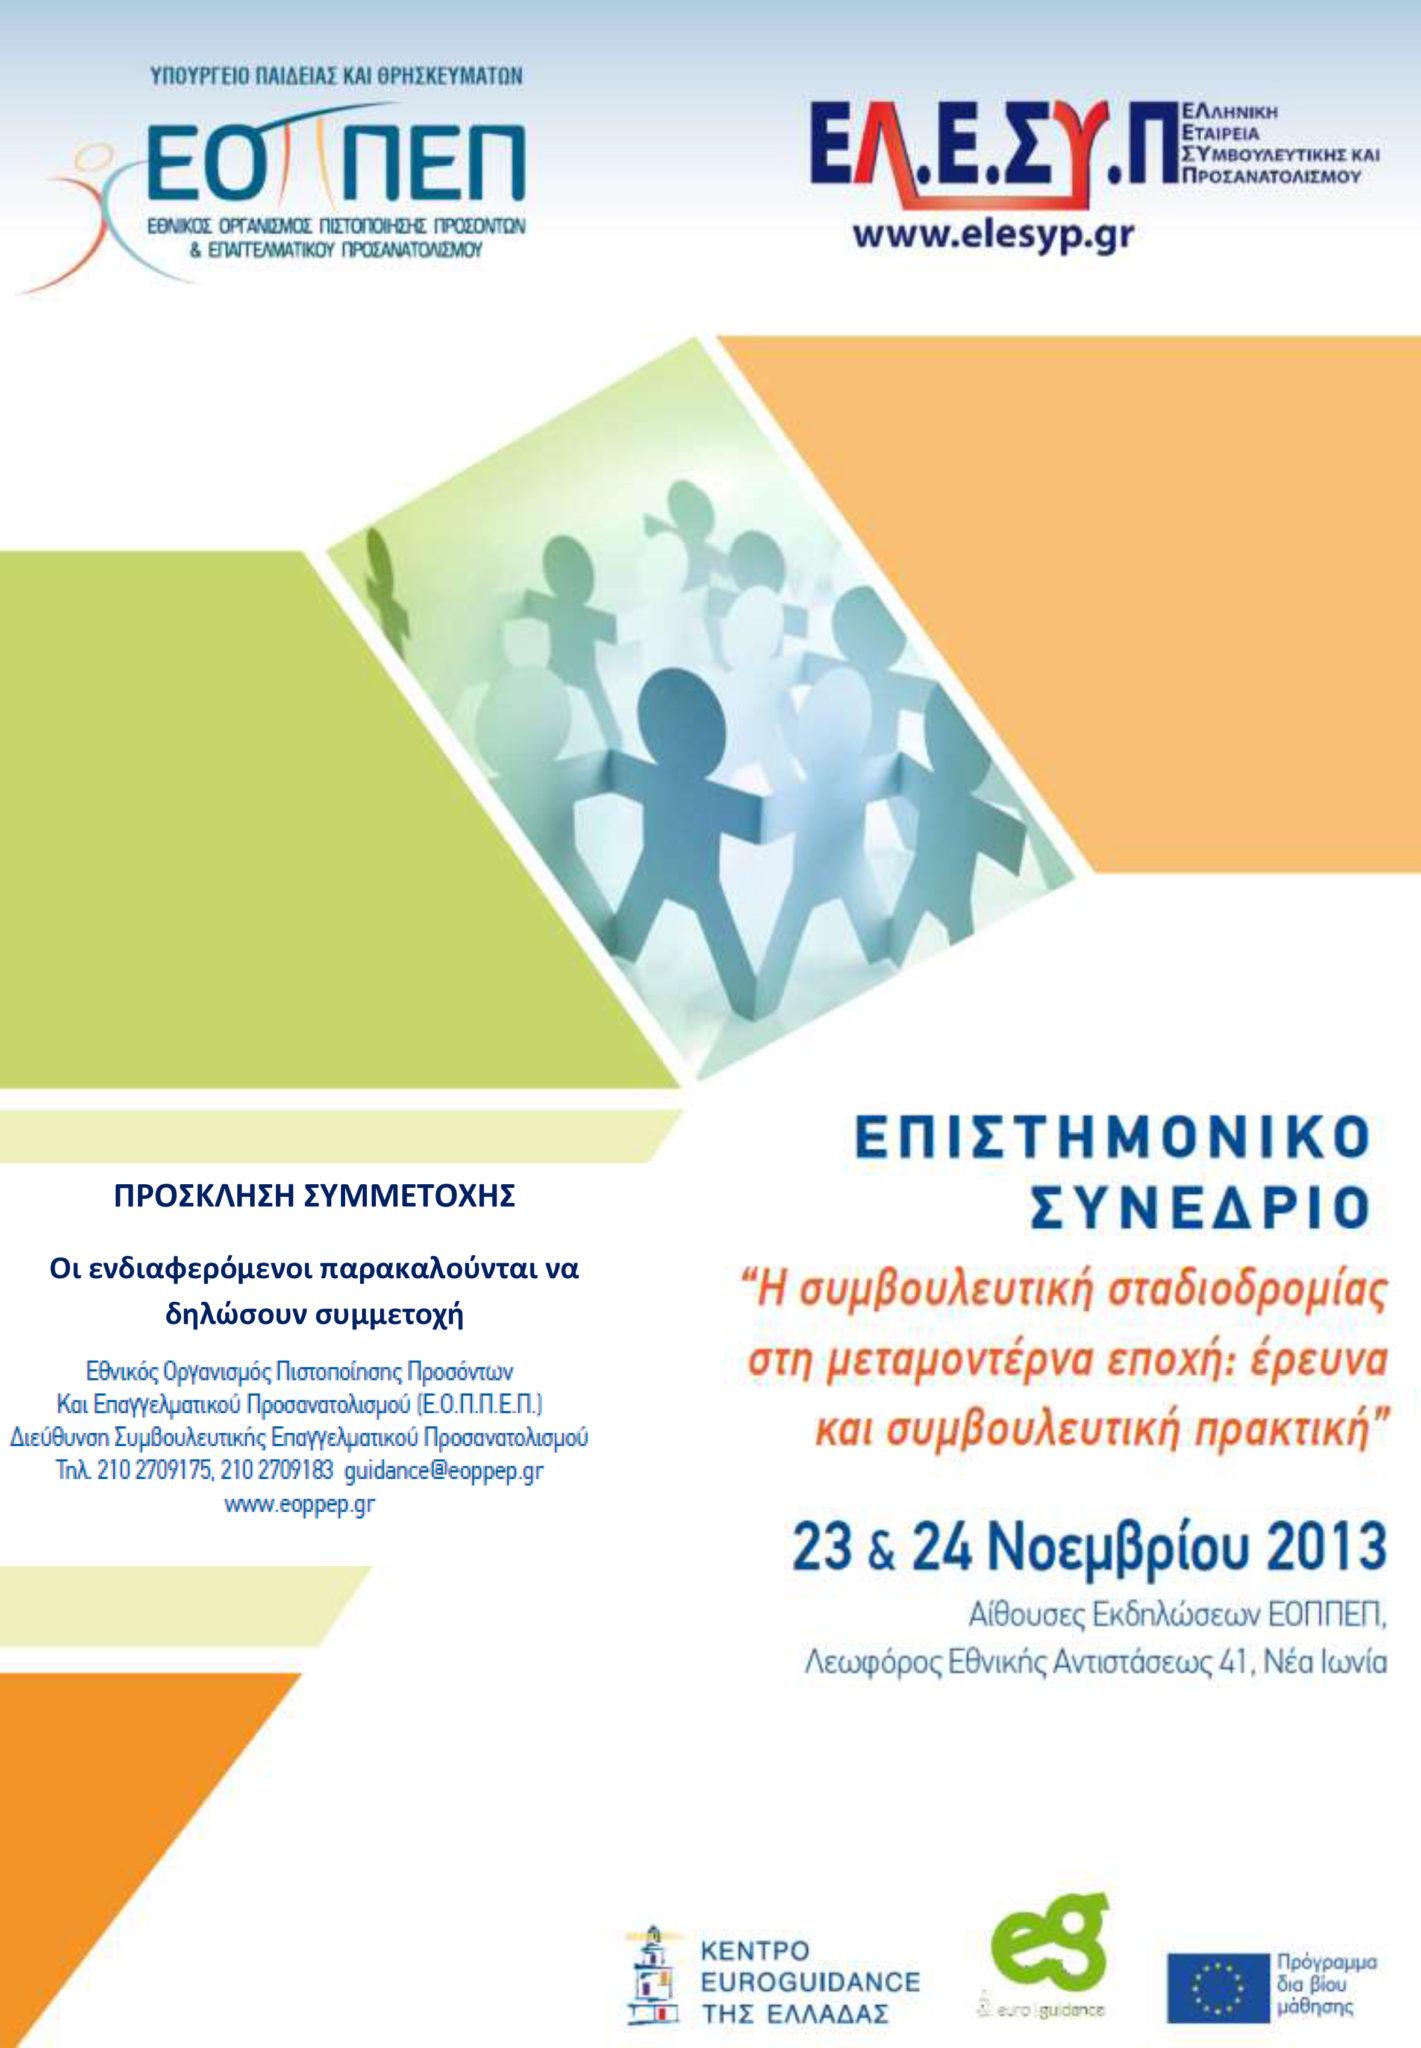 Συμμετοχή στο Συνέδριο ΕΛΕΣΥΠ